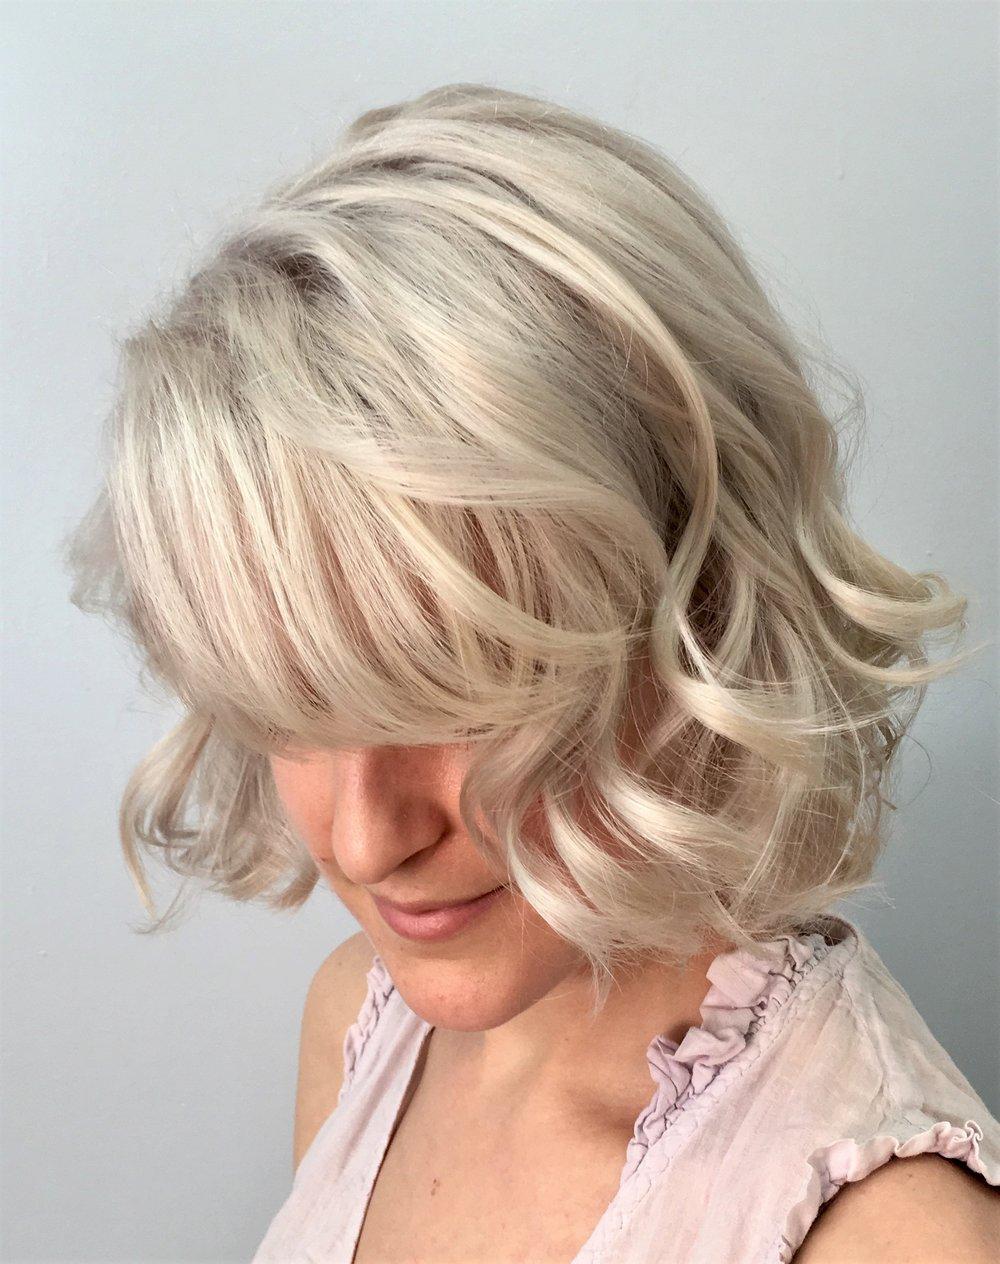 Kylie blonde1.jpg